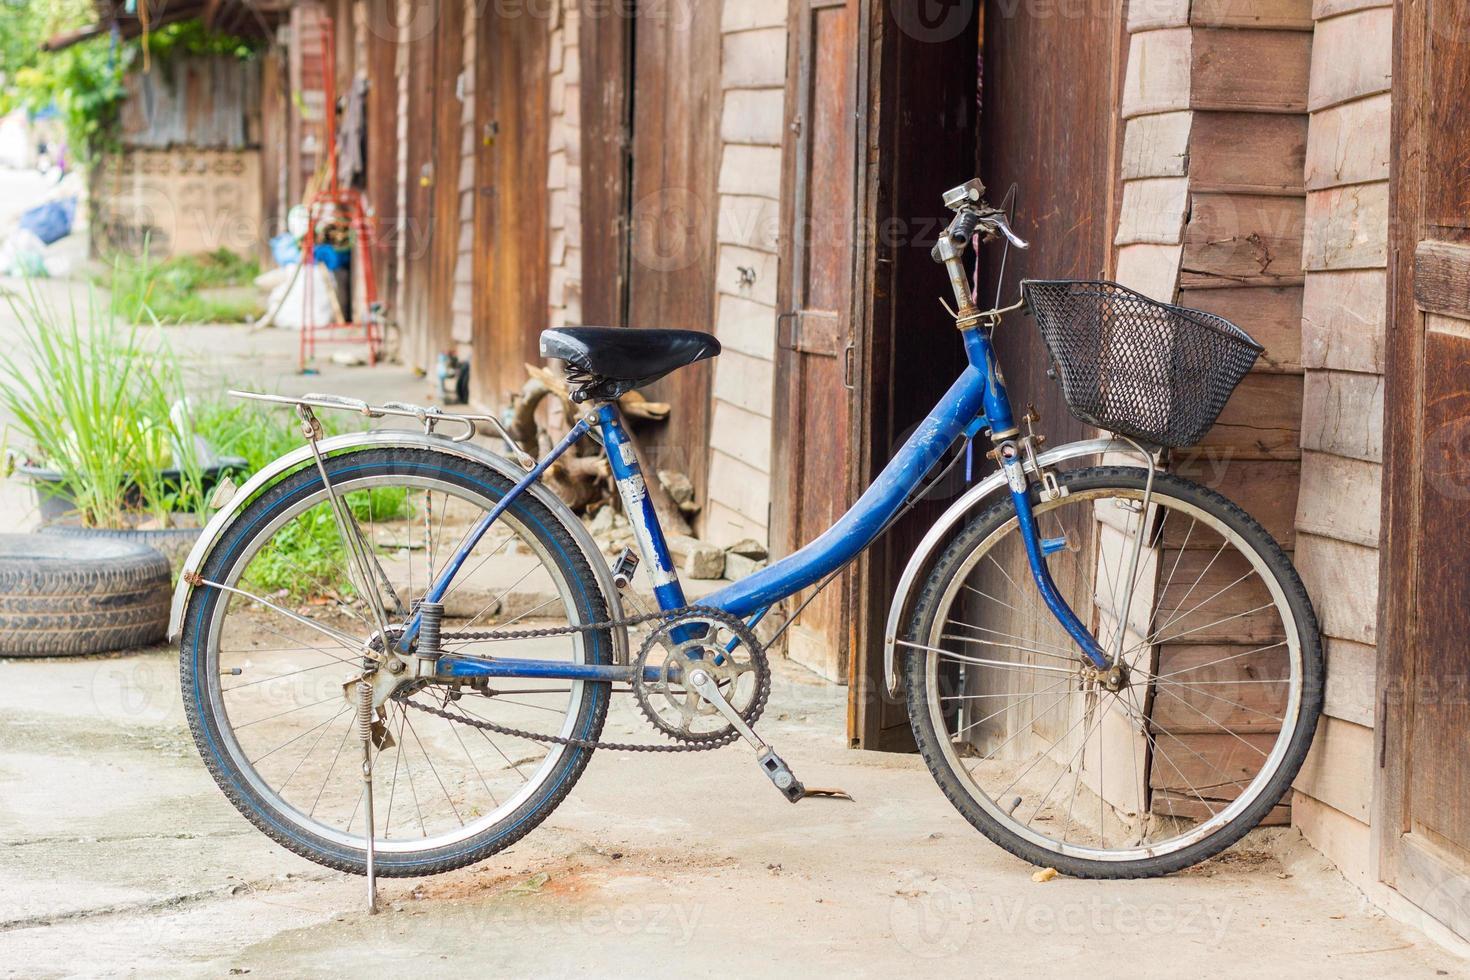 vieux vélo devant le mur en bois à la maison photo